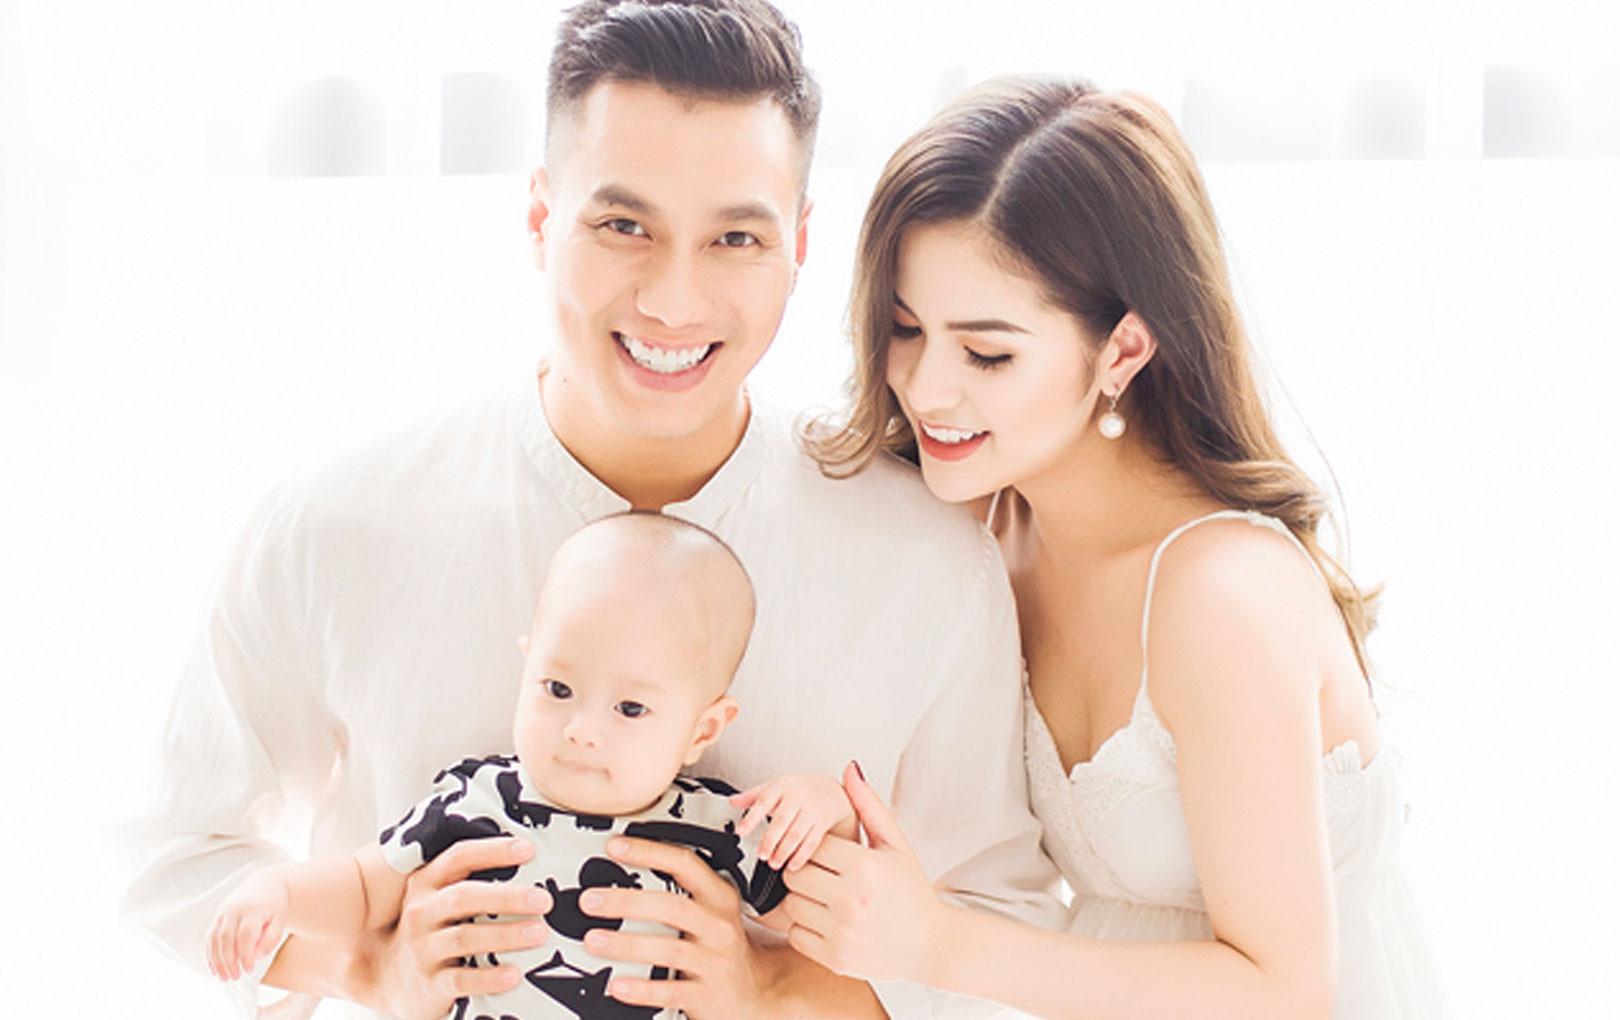 Giữa ồn ào Việt Anh ly hôn vợ trẻ, Quế Vân phát biểu: 'Tôi sẽ tiếc lắm nếu mất đi người chồng tốt như vậy'